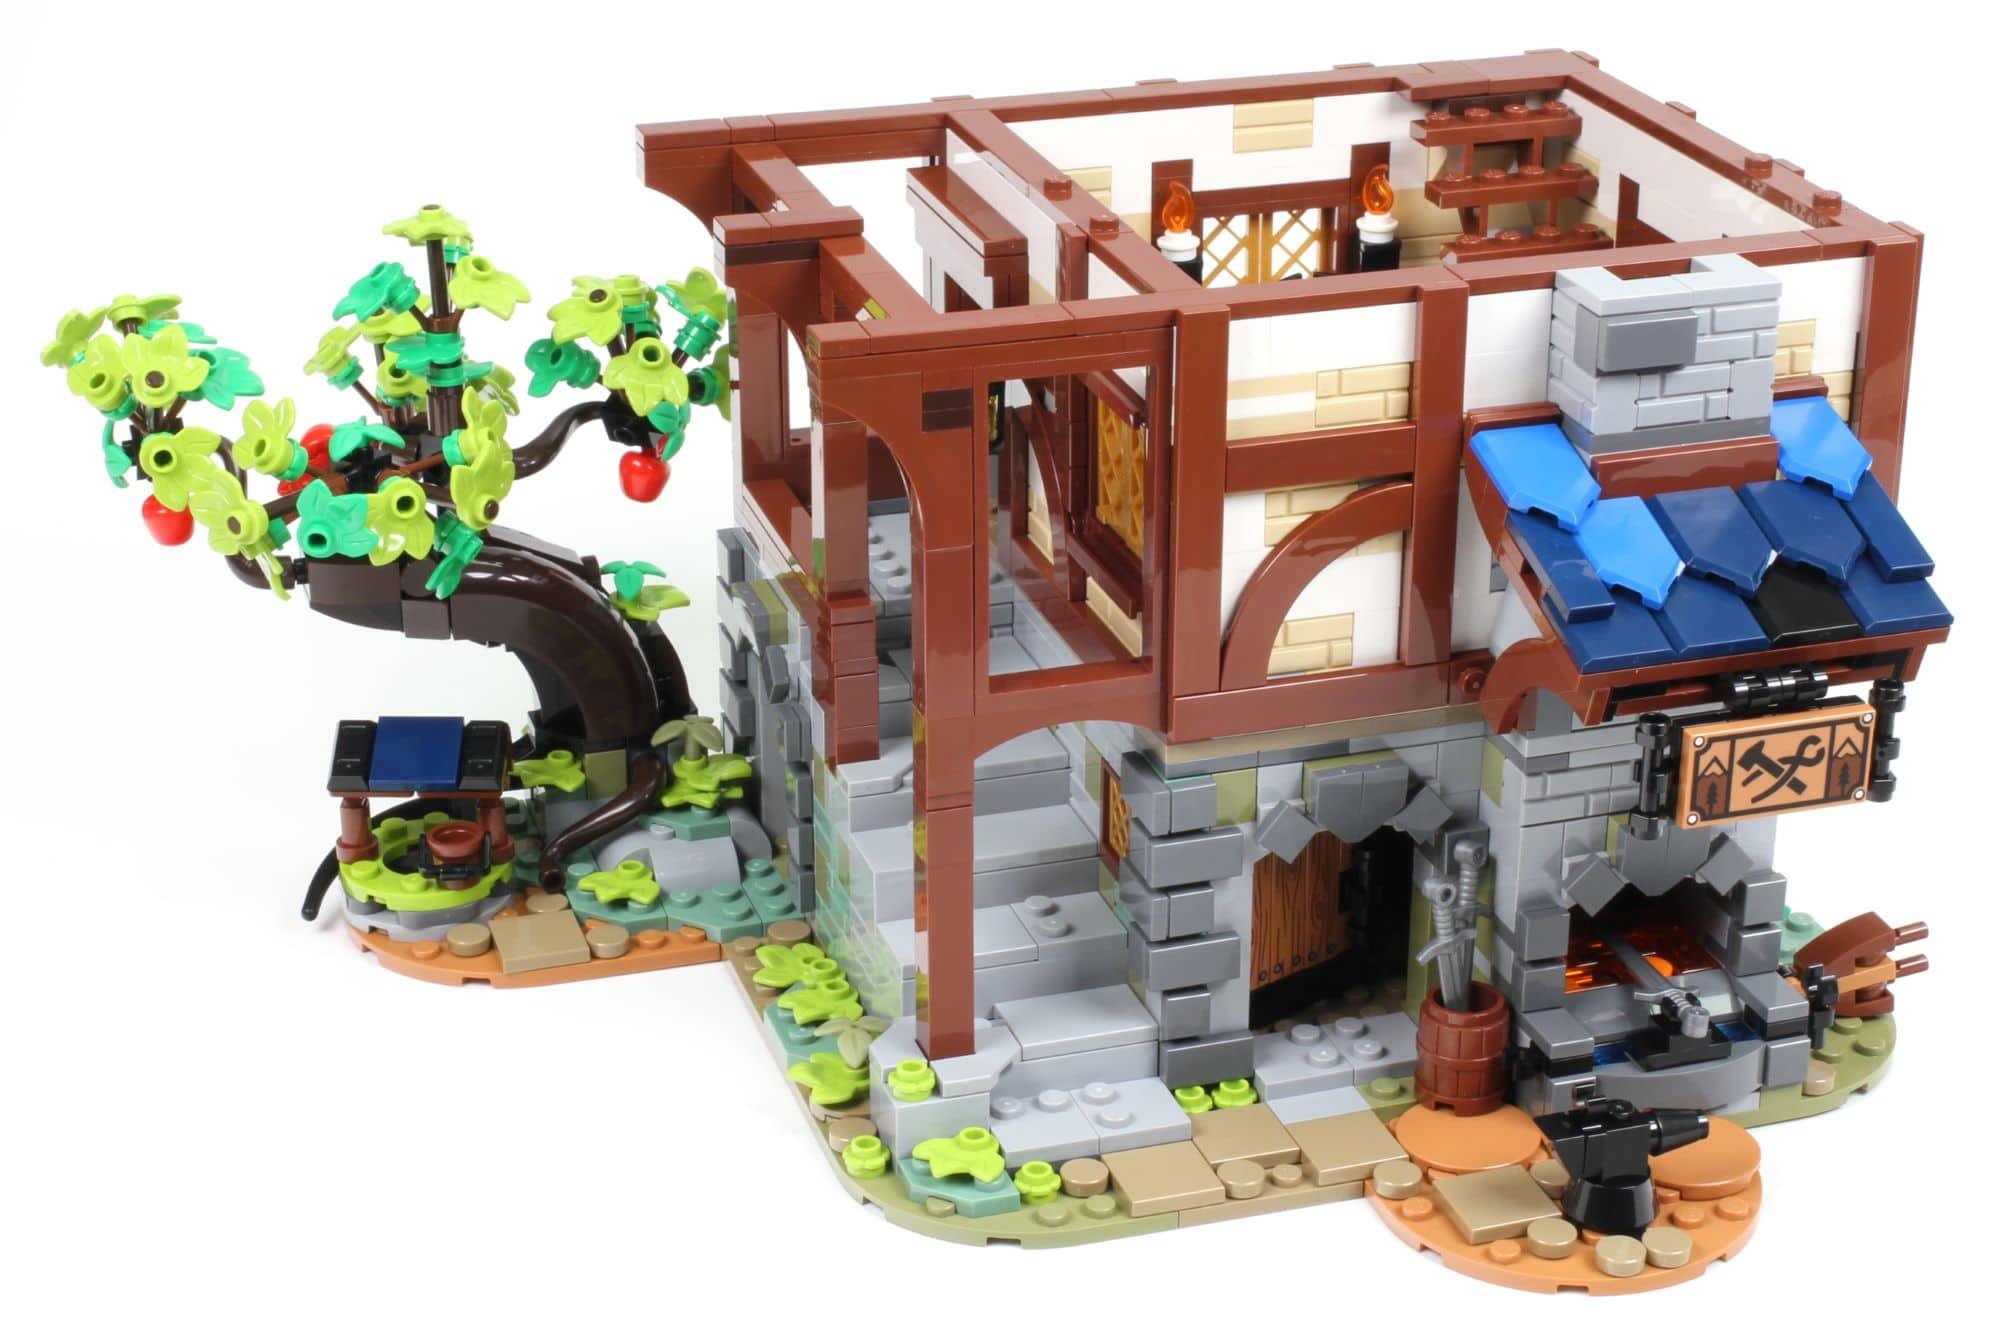 LEGO Ideas 21325 Mittelalterliche Schmiede Bauabschnitt 8 5